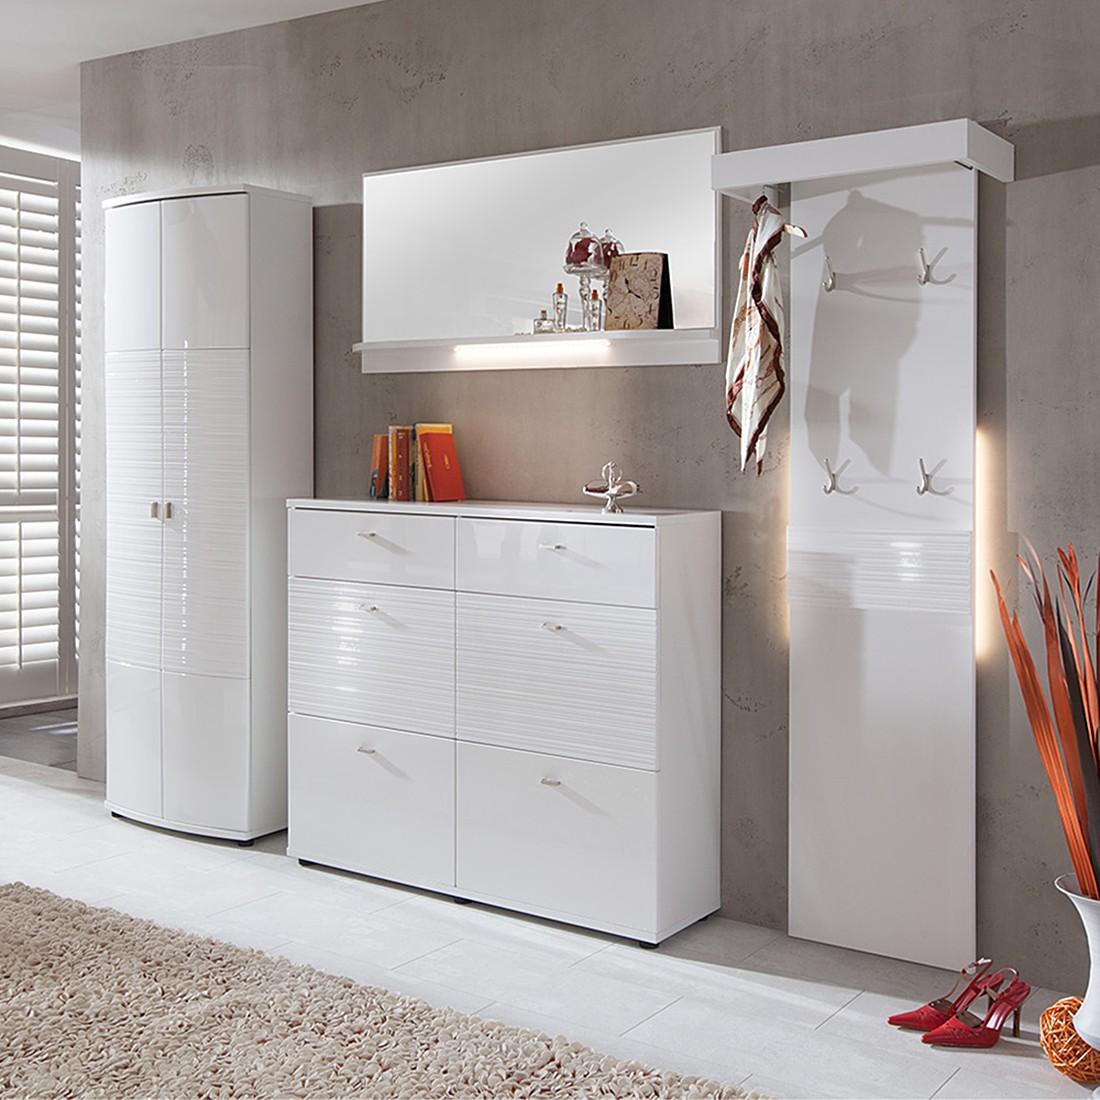 ... hoogglans wit - zonder verlichting, Modoform kleine meubels modoform